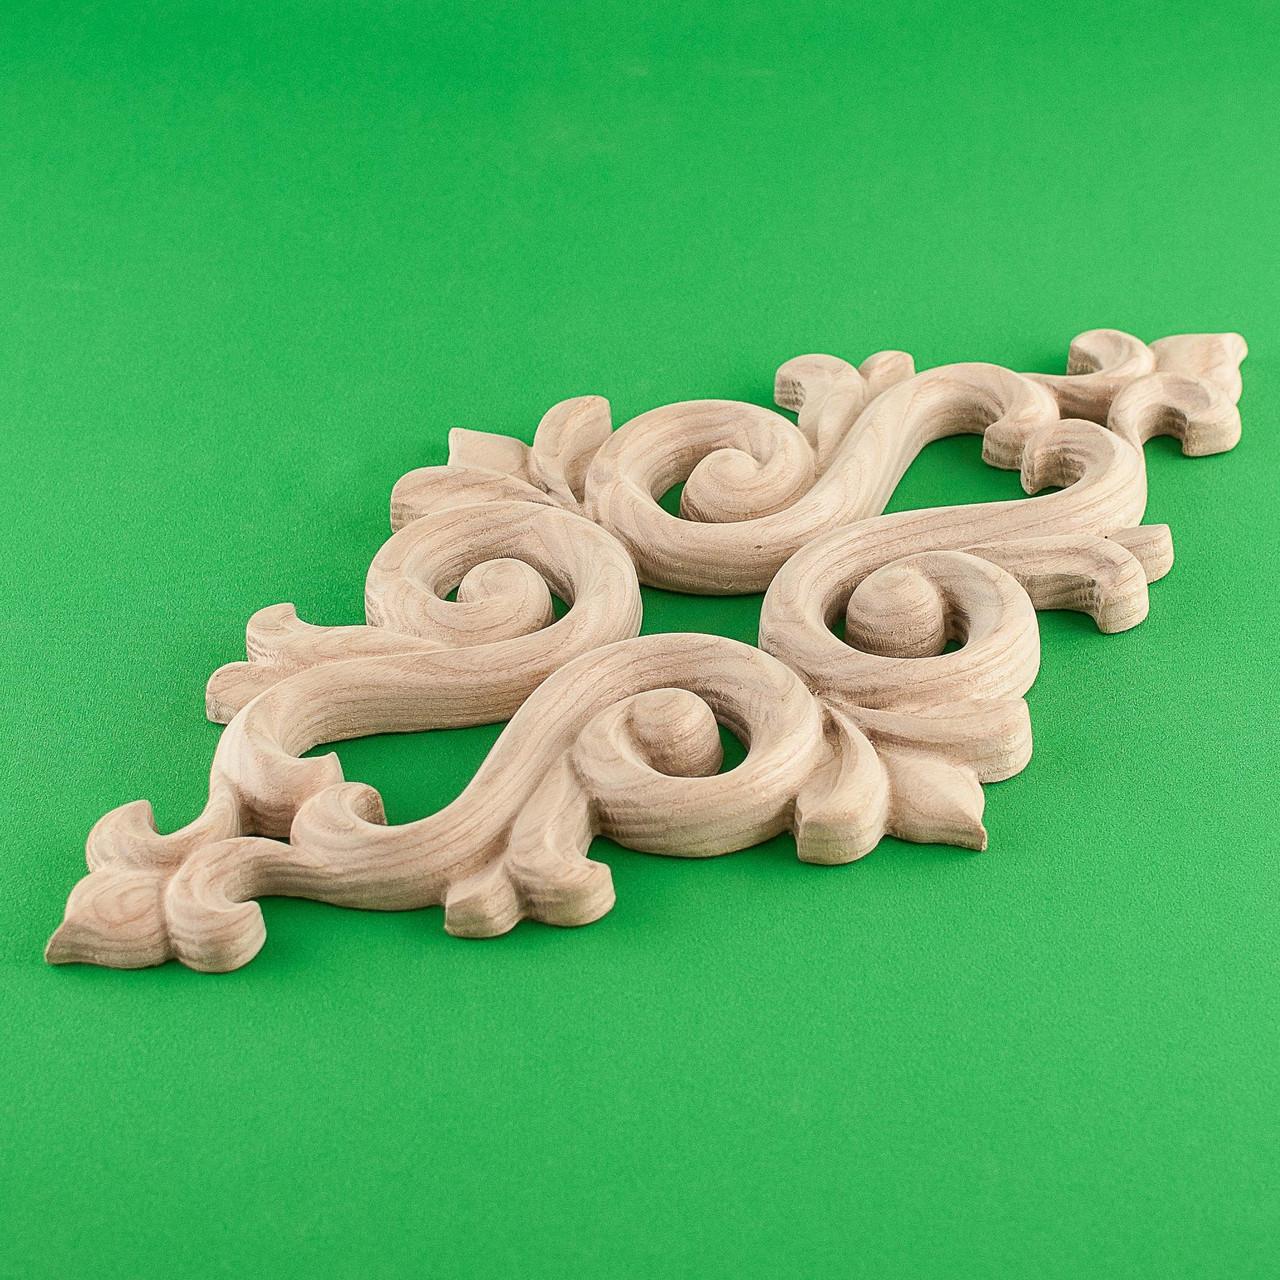 Код ДЦ12. Резной деревянный декор для мебели. Декор центральный